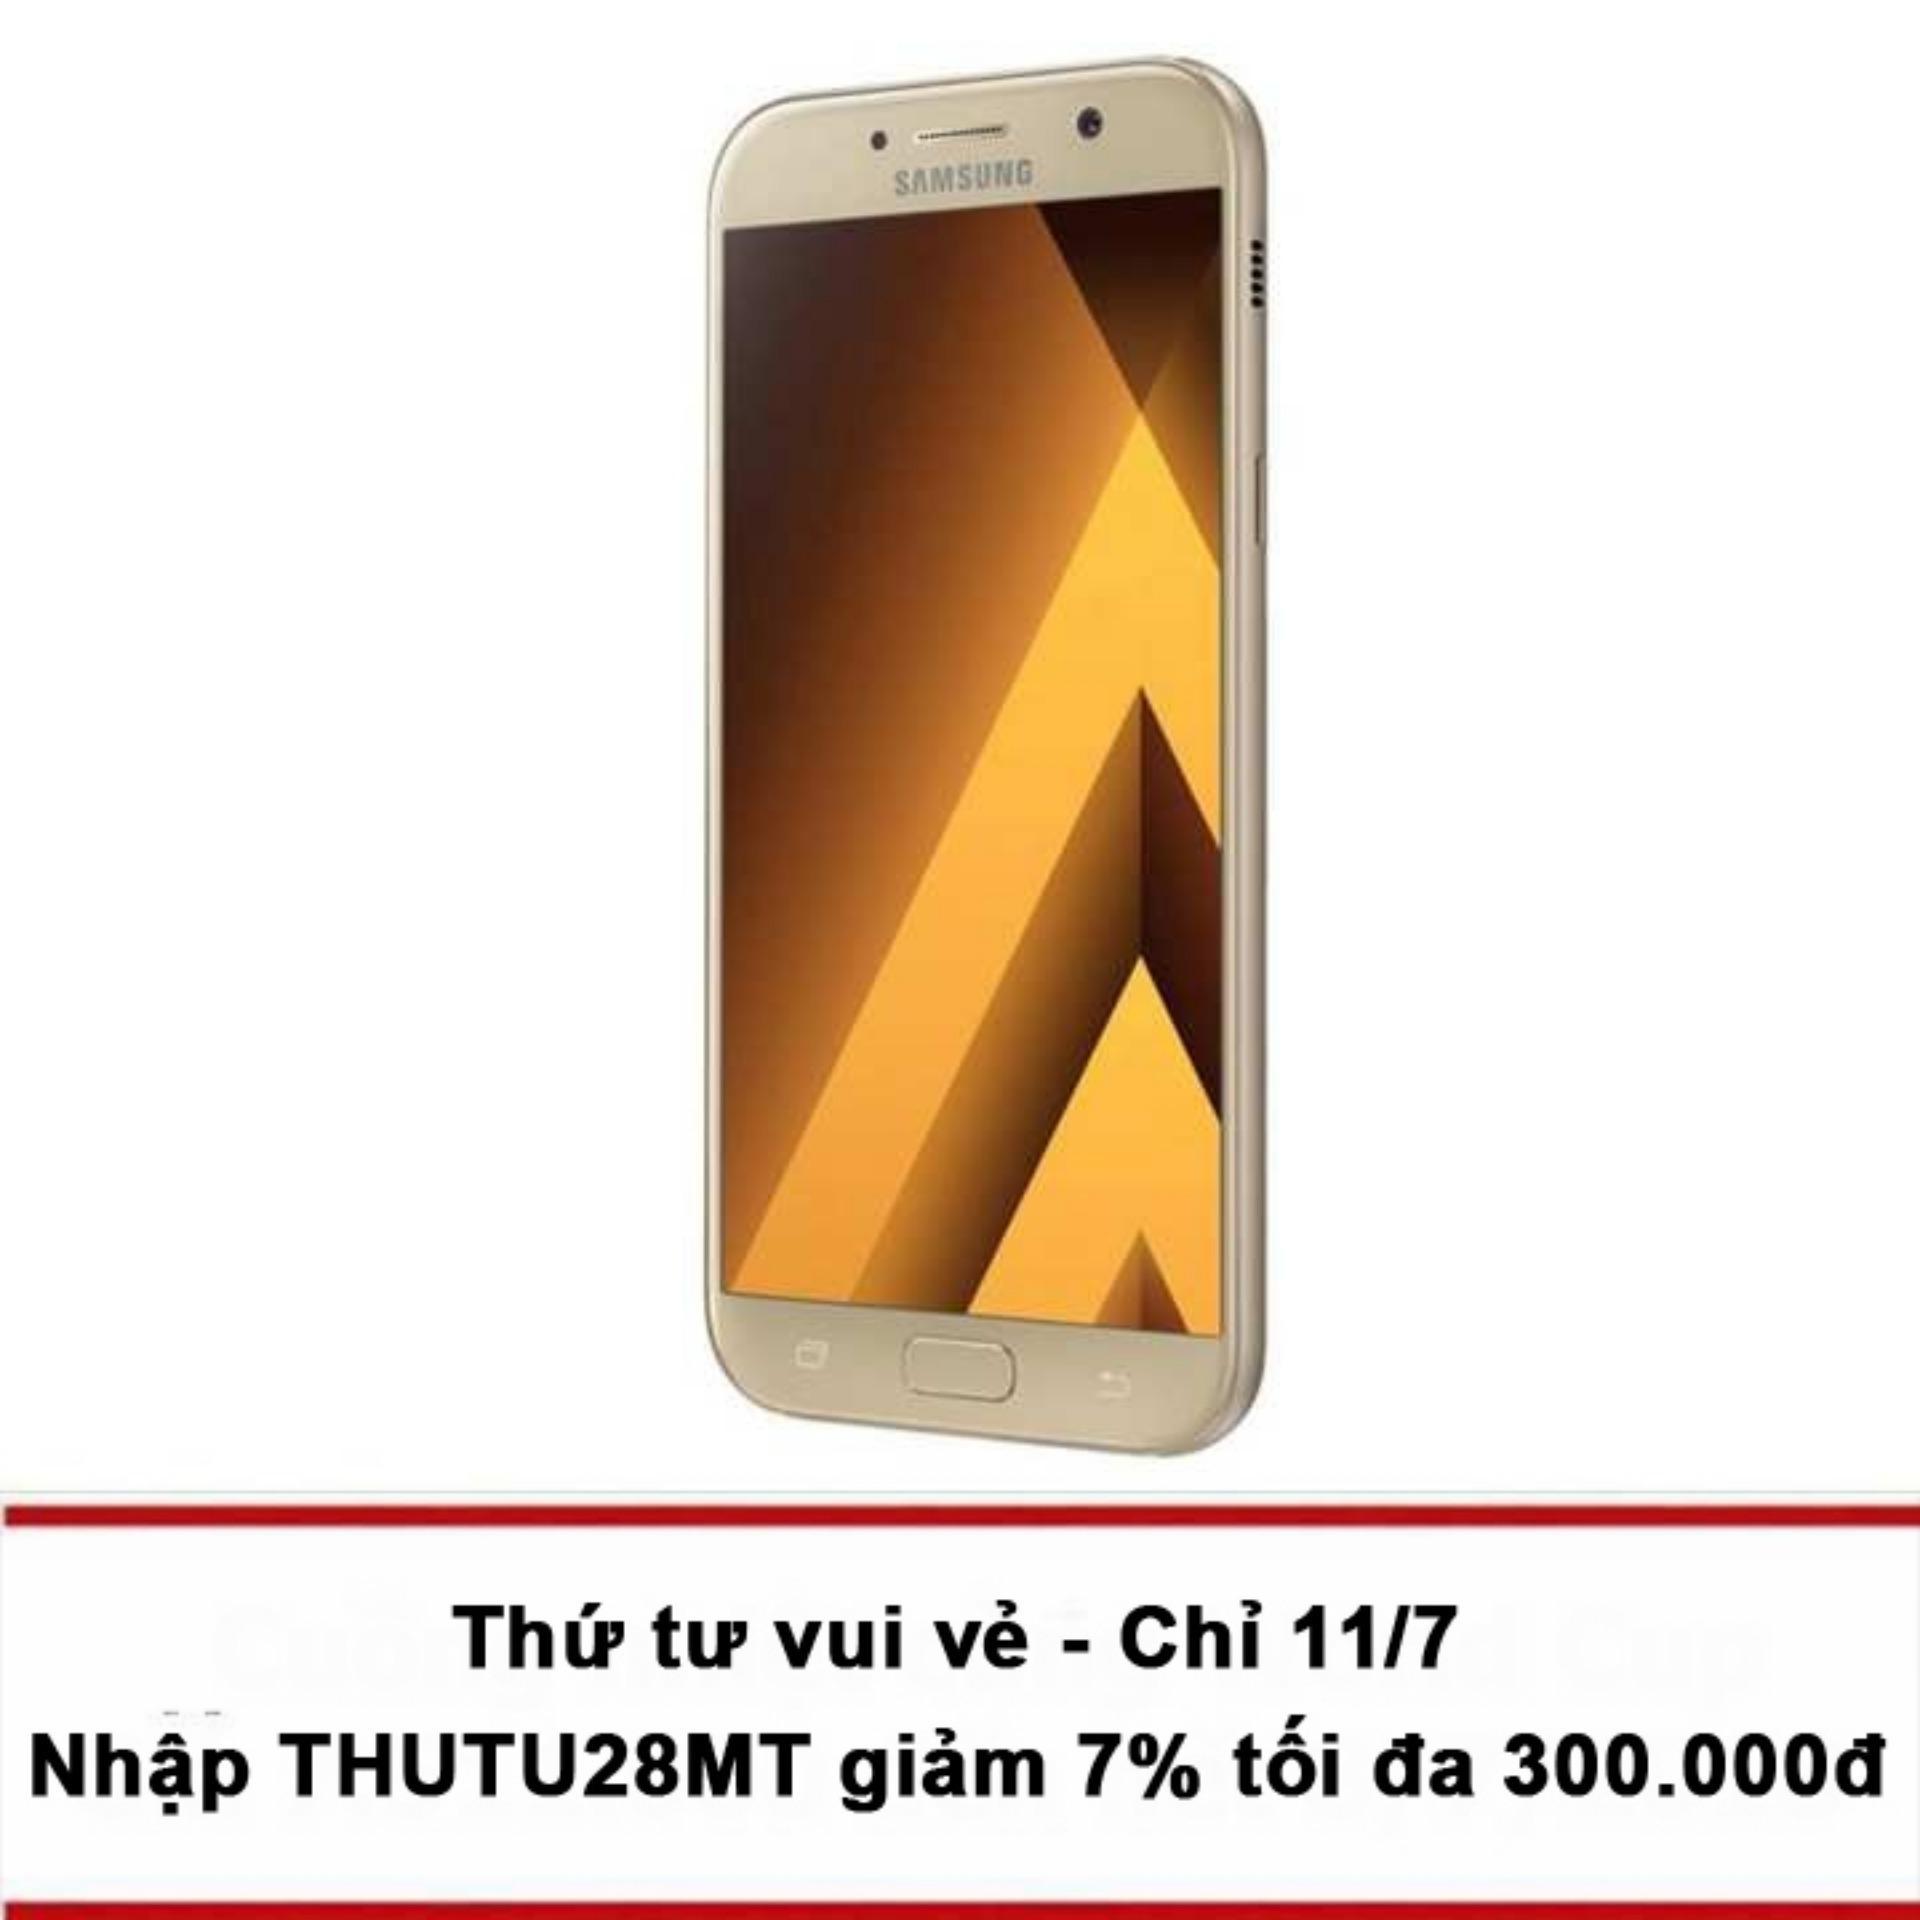 Samsung Galaxy A7 2017 32GB (Vàng) - Hãng phân phối...